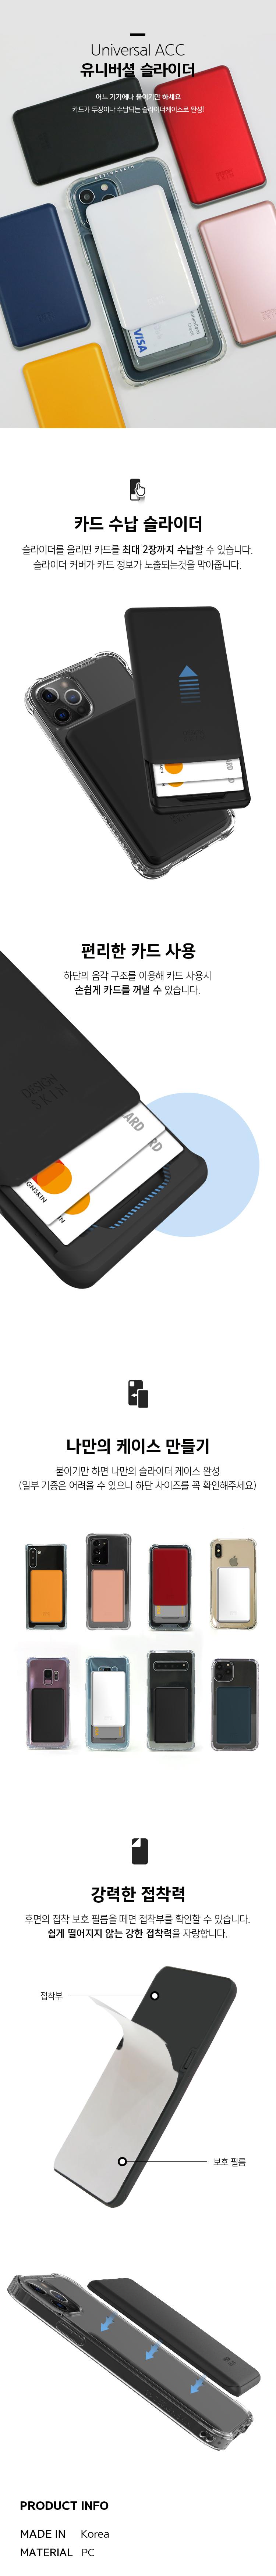 디자인스킨(DESIGNSKIN) 핸드폰 부착형 슬라이더 카드 수납 케이스 6종(택1)